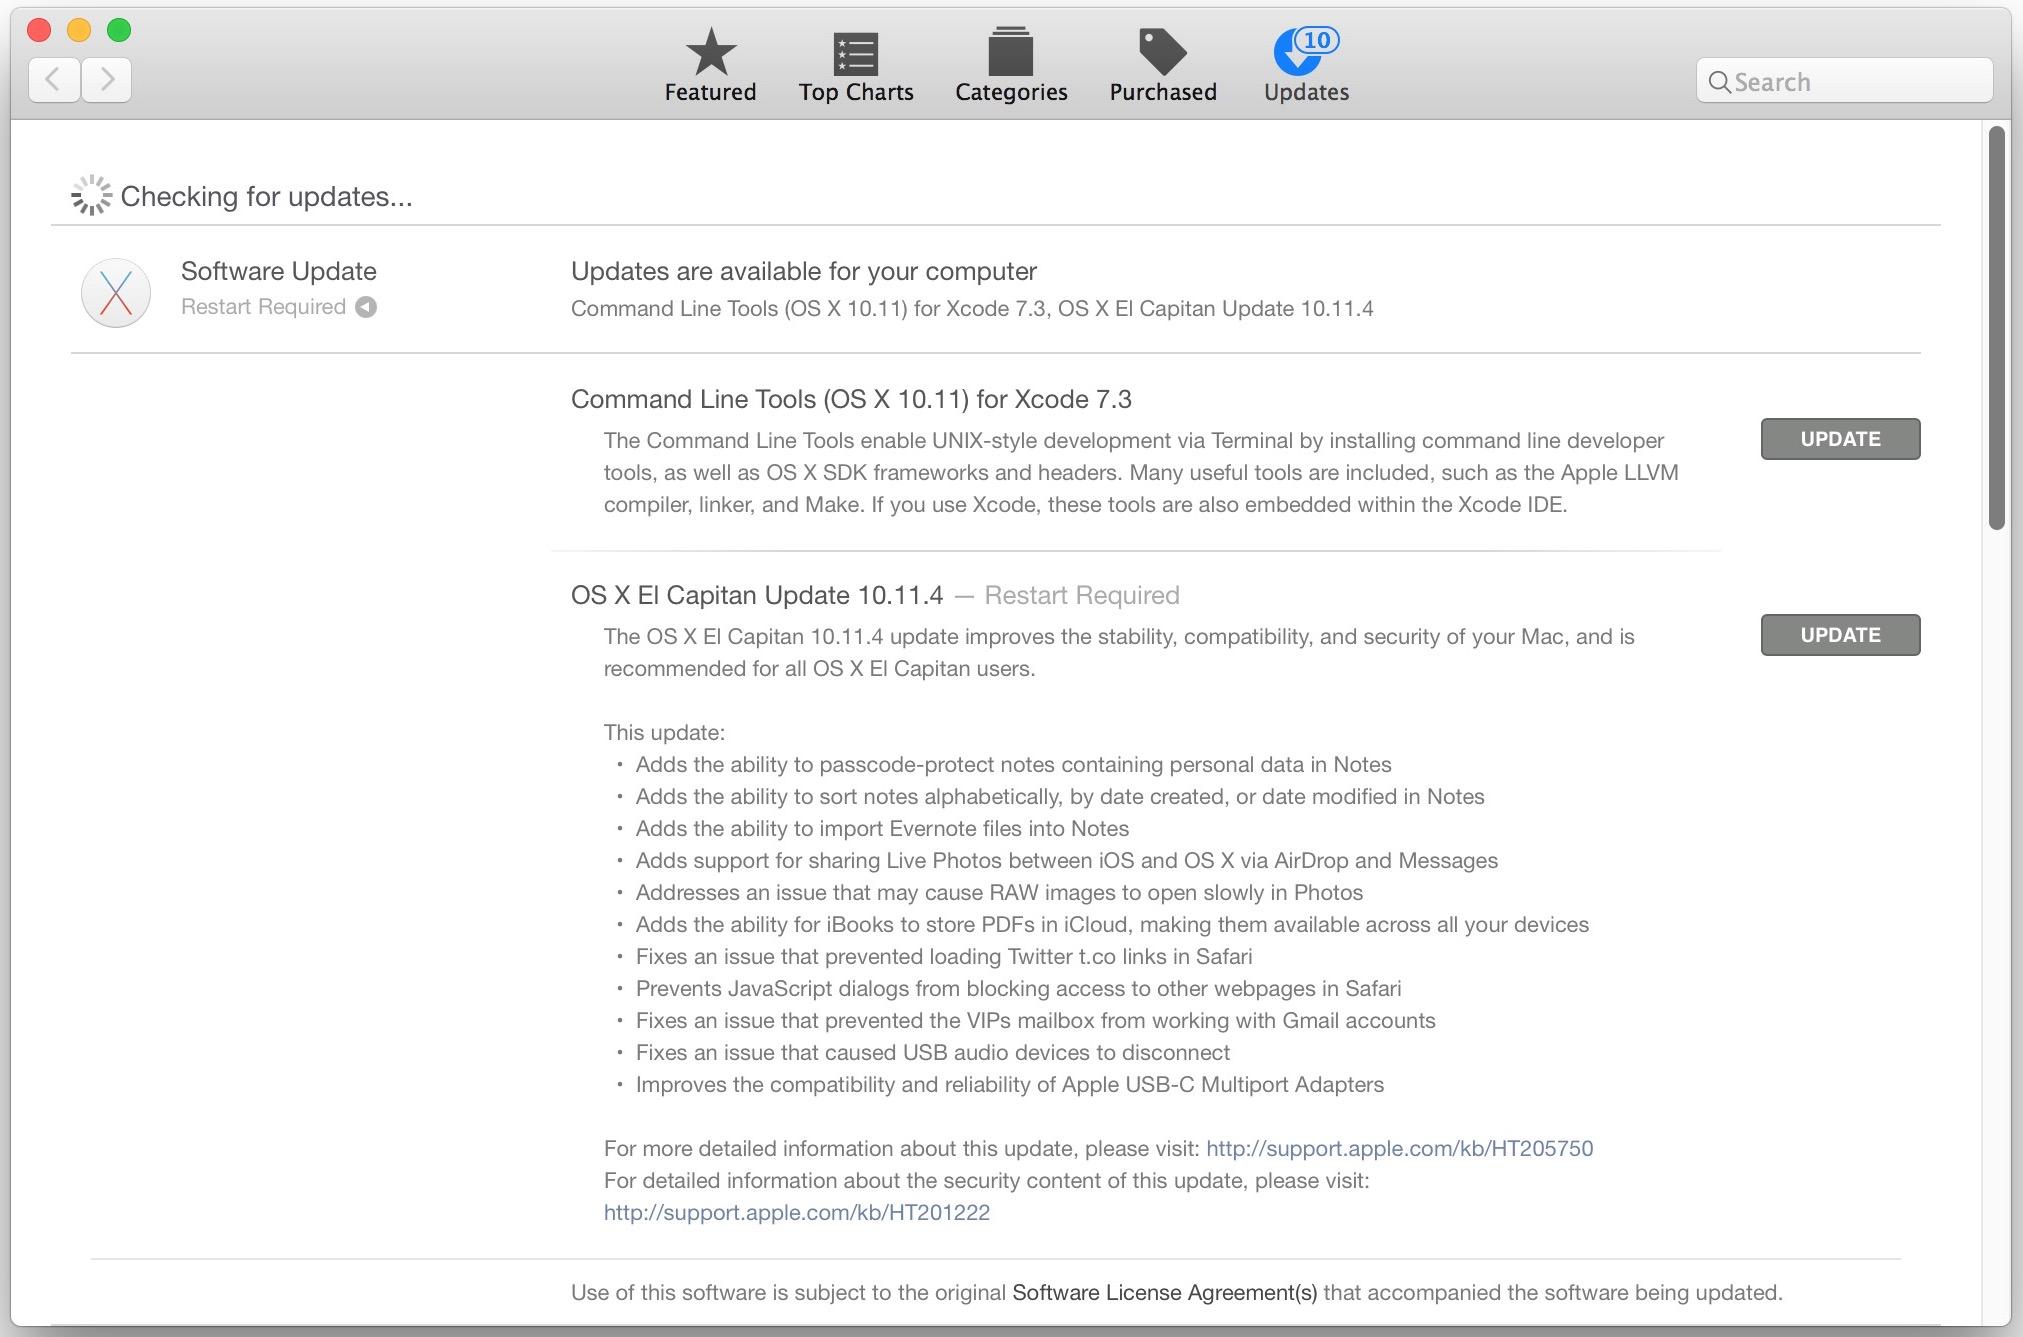 Actualización de OS X 10.11.4 para Mac